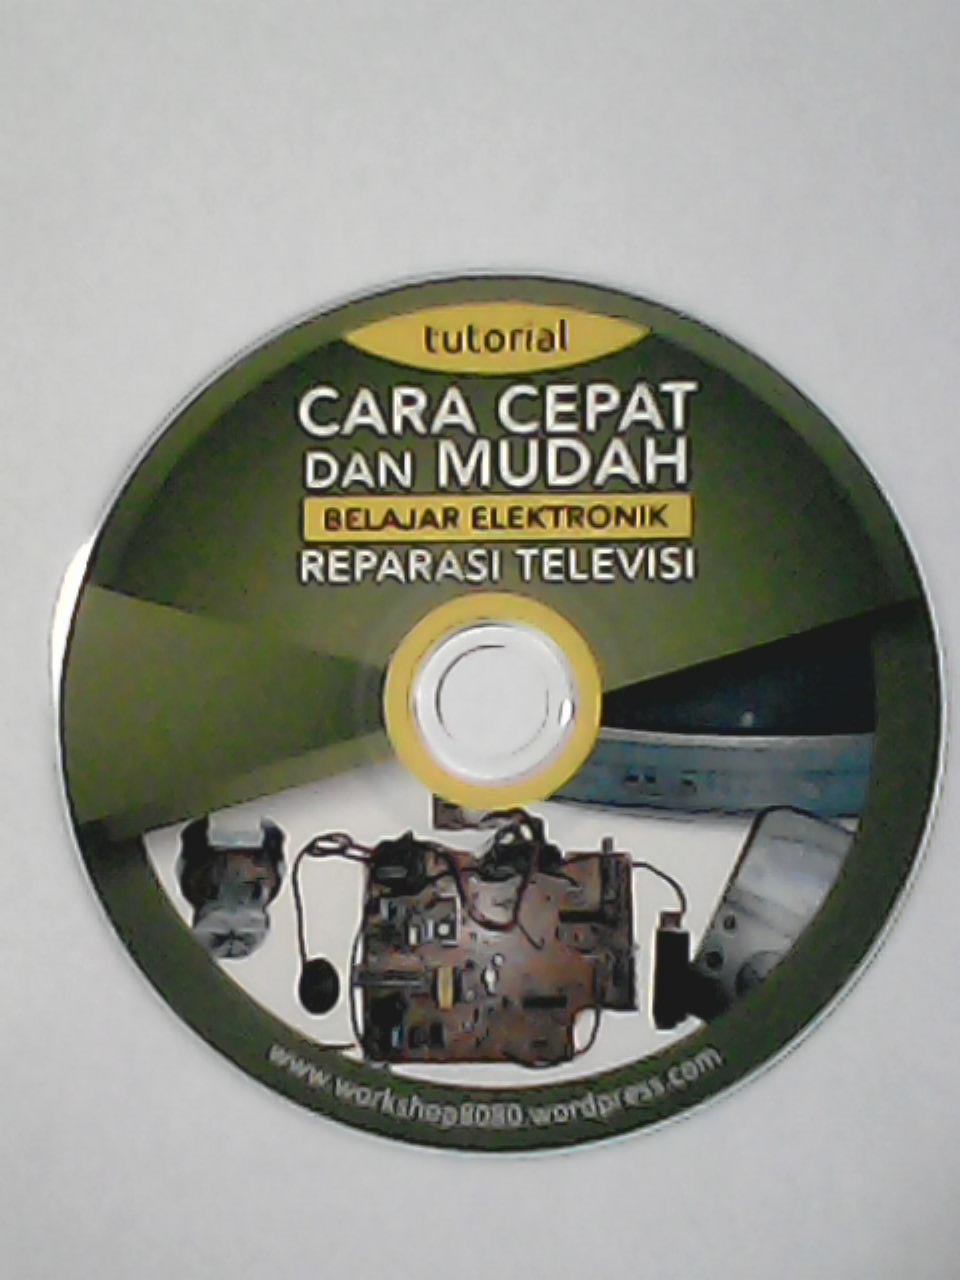 Harga DVD Tutorial Reparasi TV = 150 rb.